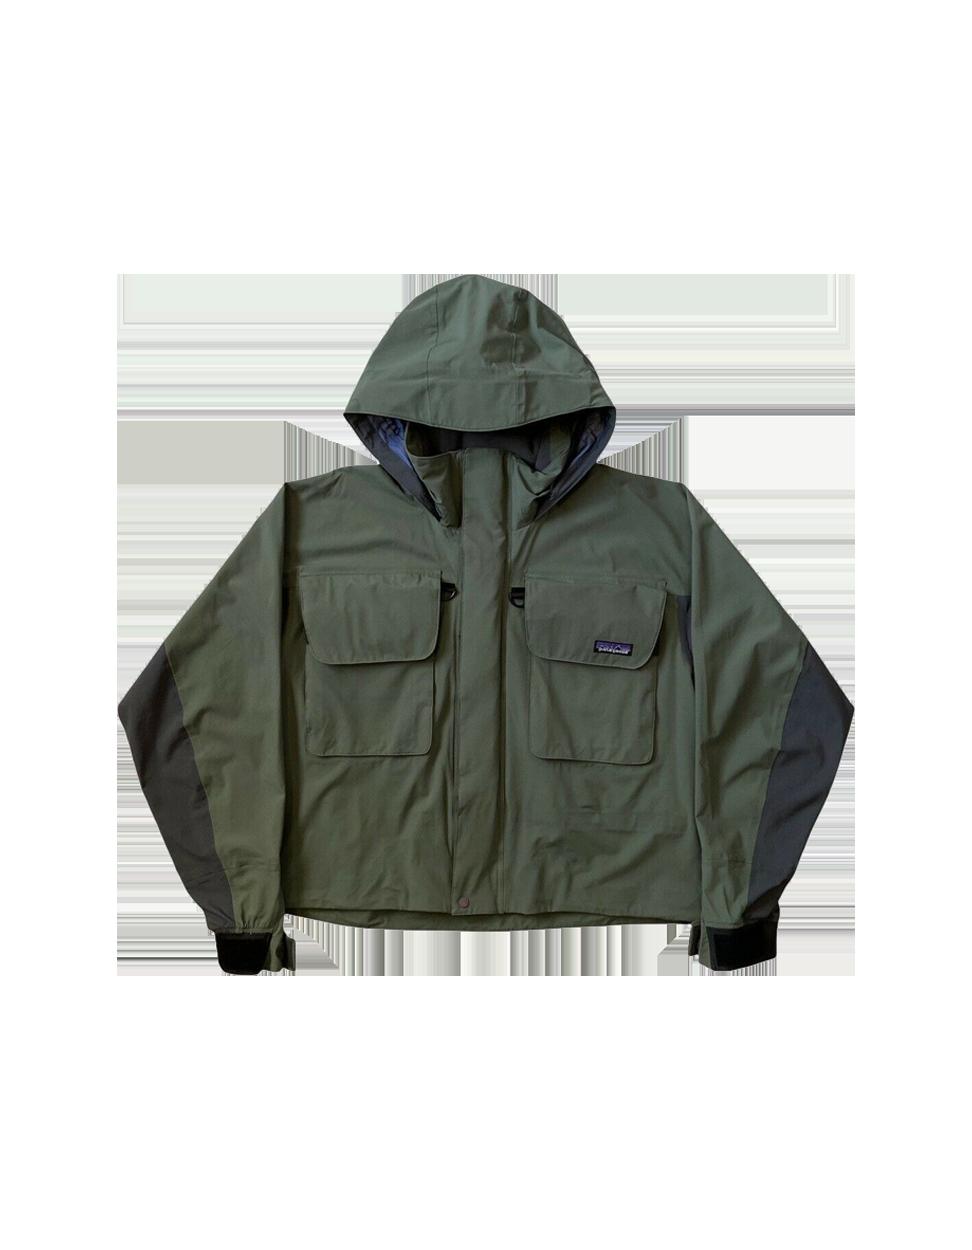 patagonia-flyfishing-jacket